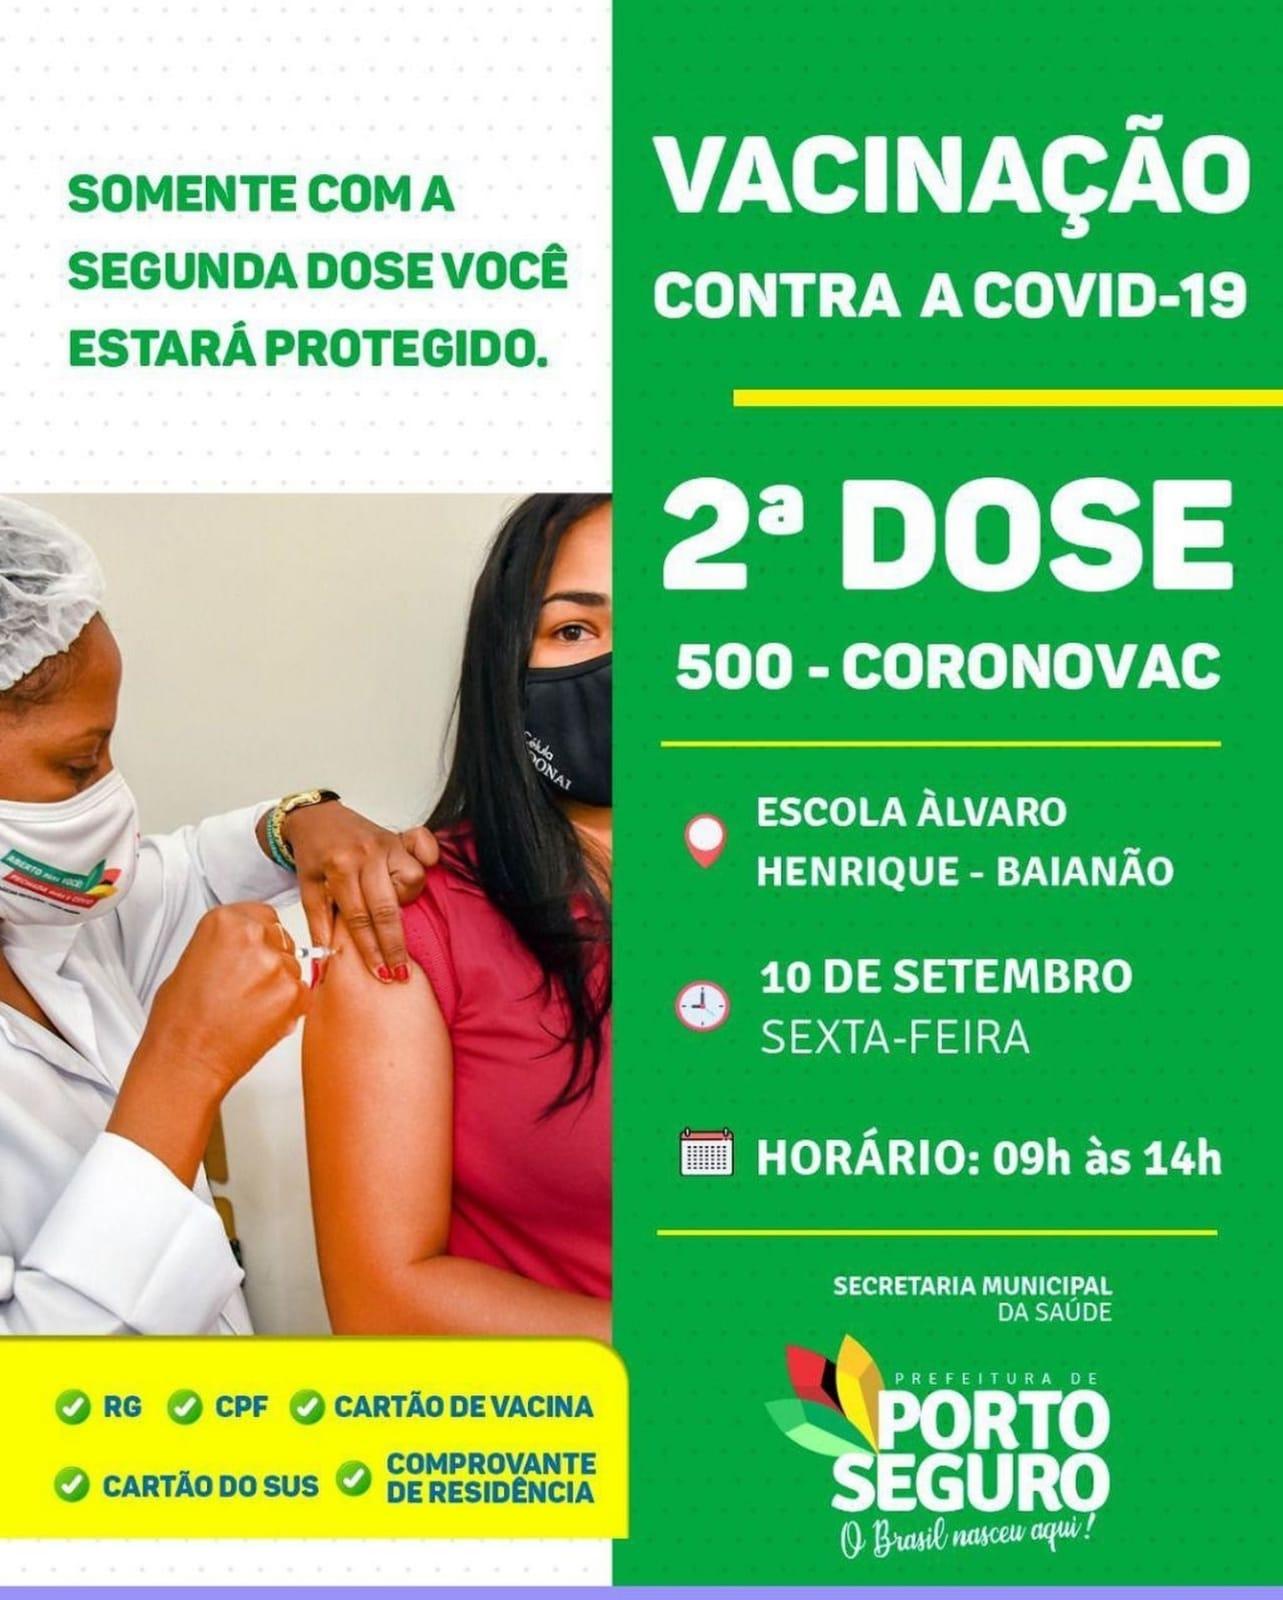 Porto Seguro: Cronograma de Vacinação contra a Covid-19 (10 de SETEMBRO) 22